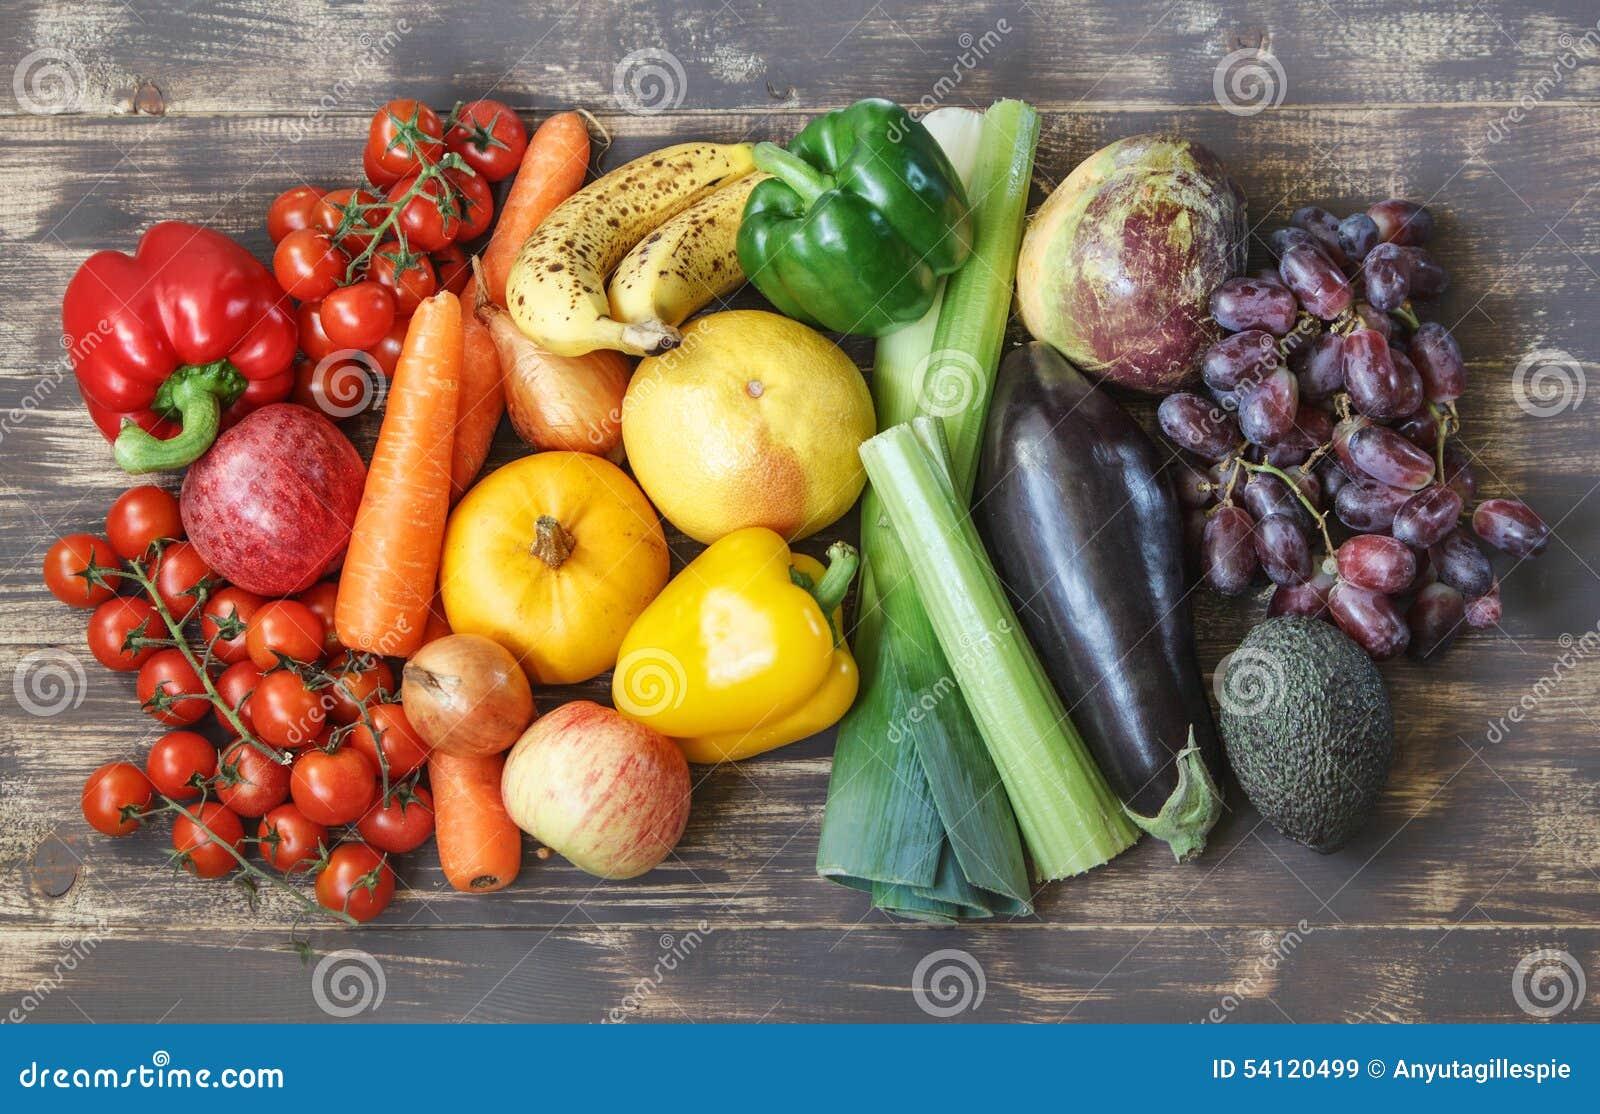 Voedselfoto s met vruchten en groenten in een regenbooglay-out